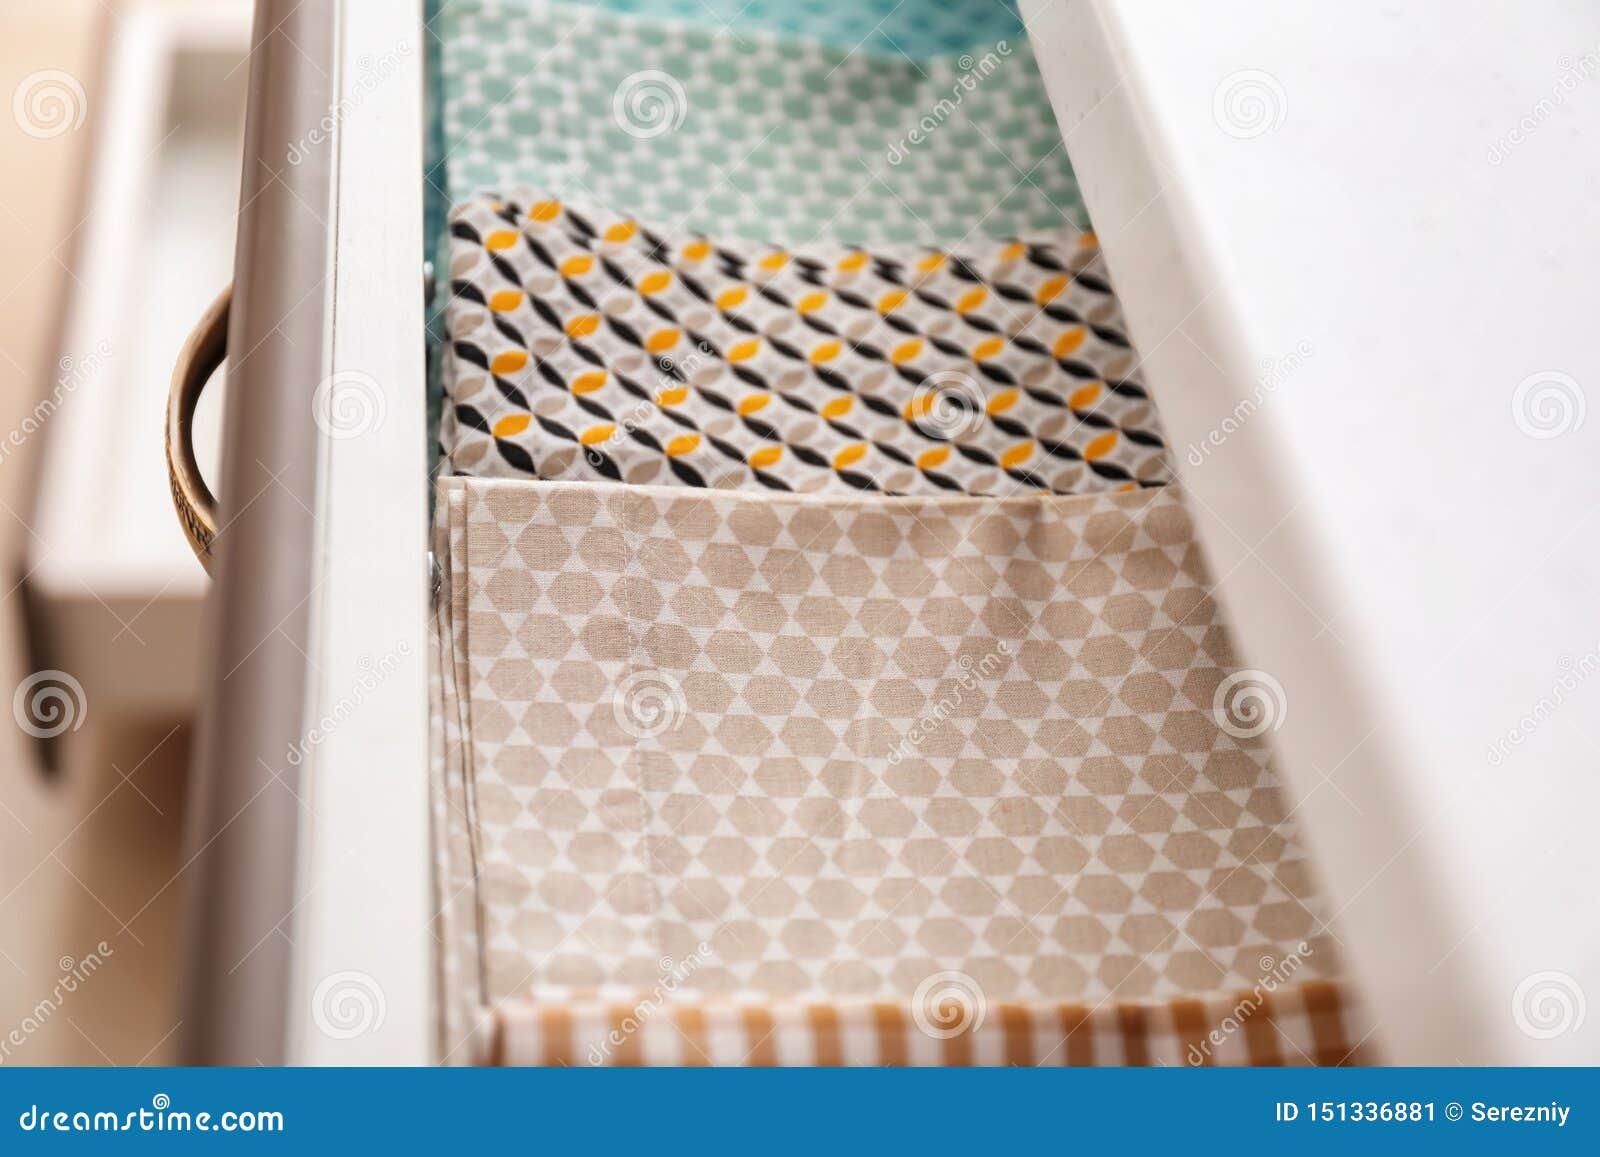 Toalhas de cozinha limpas na gaveta